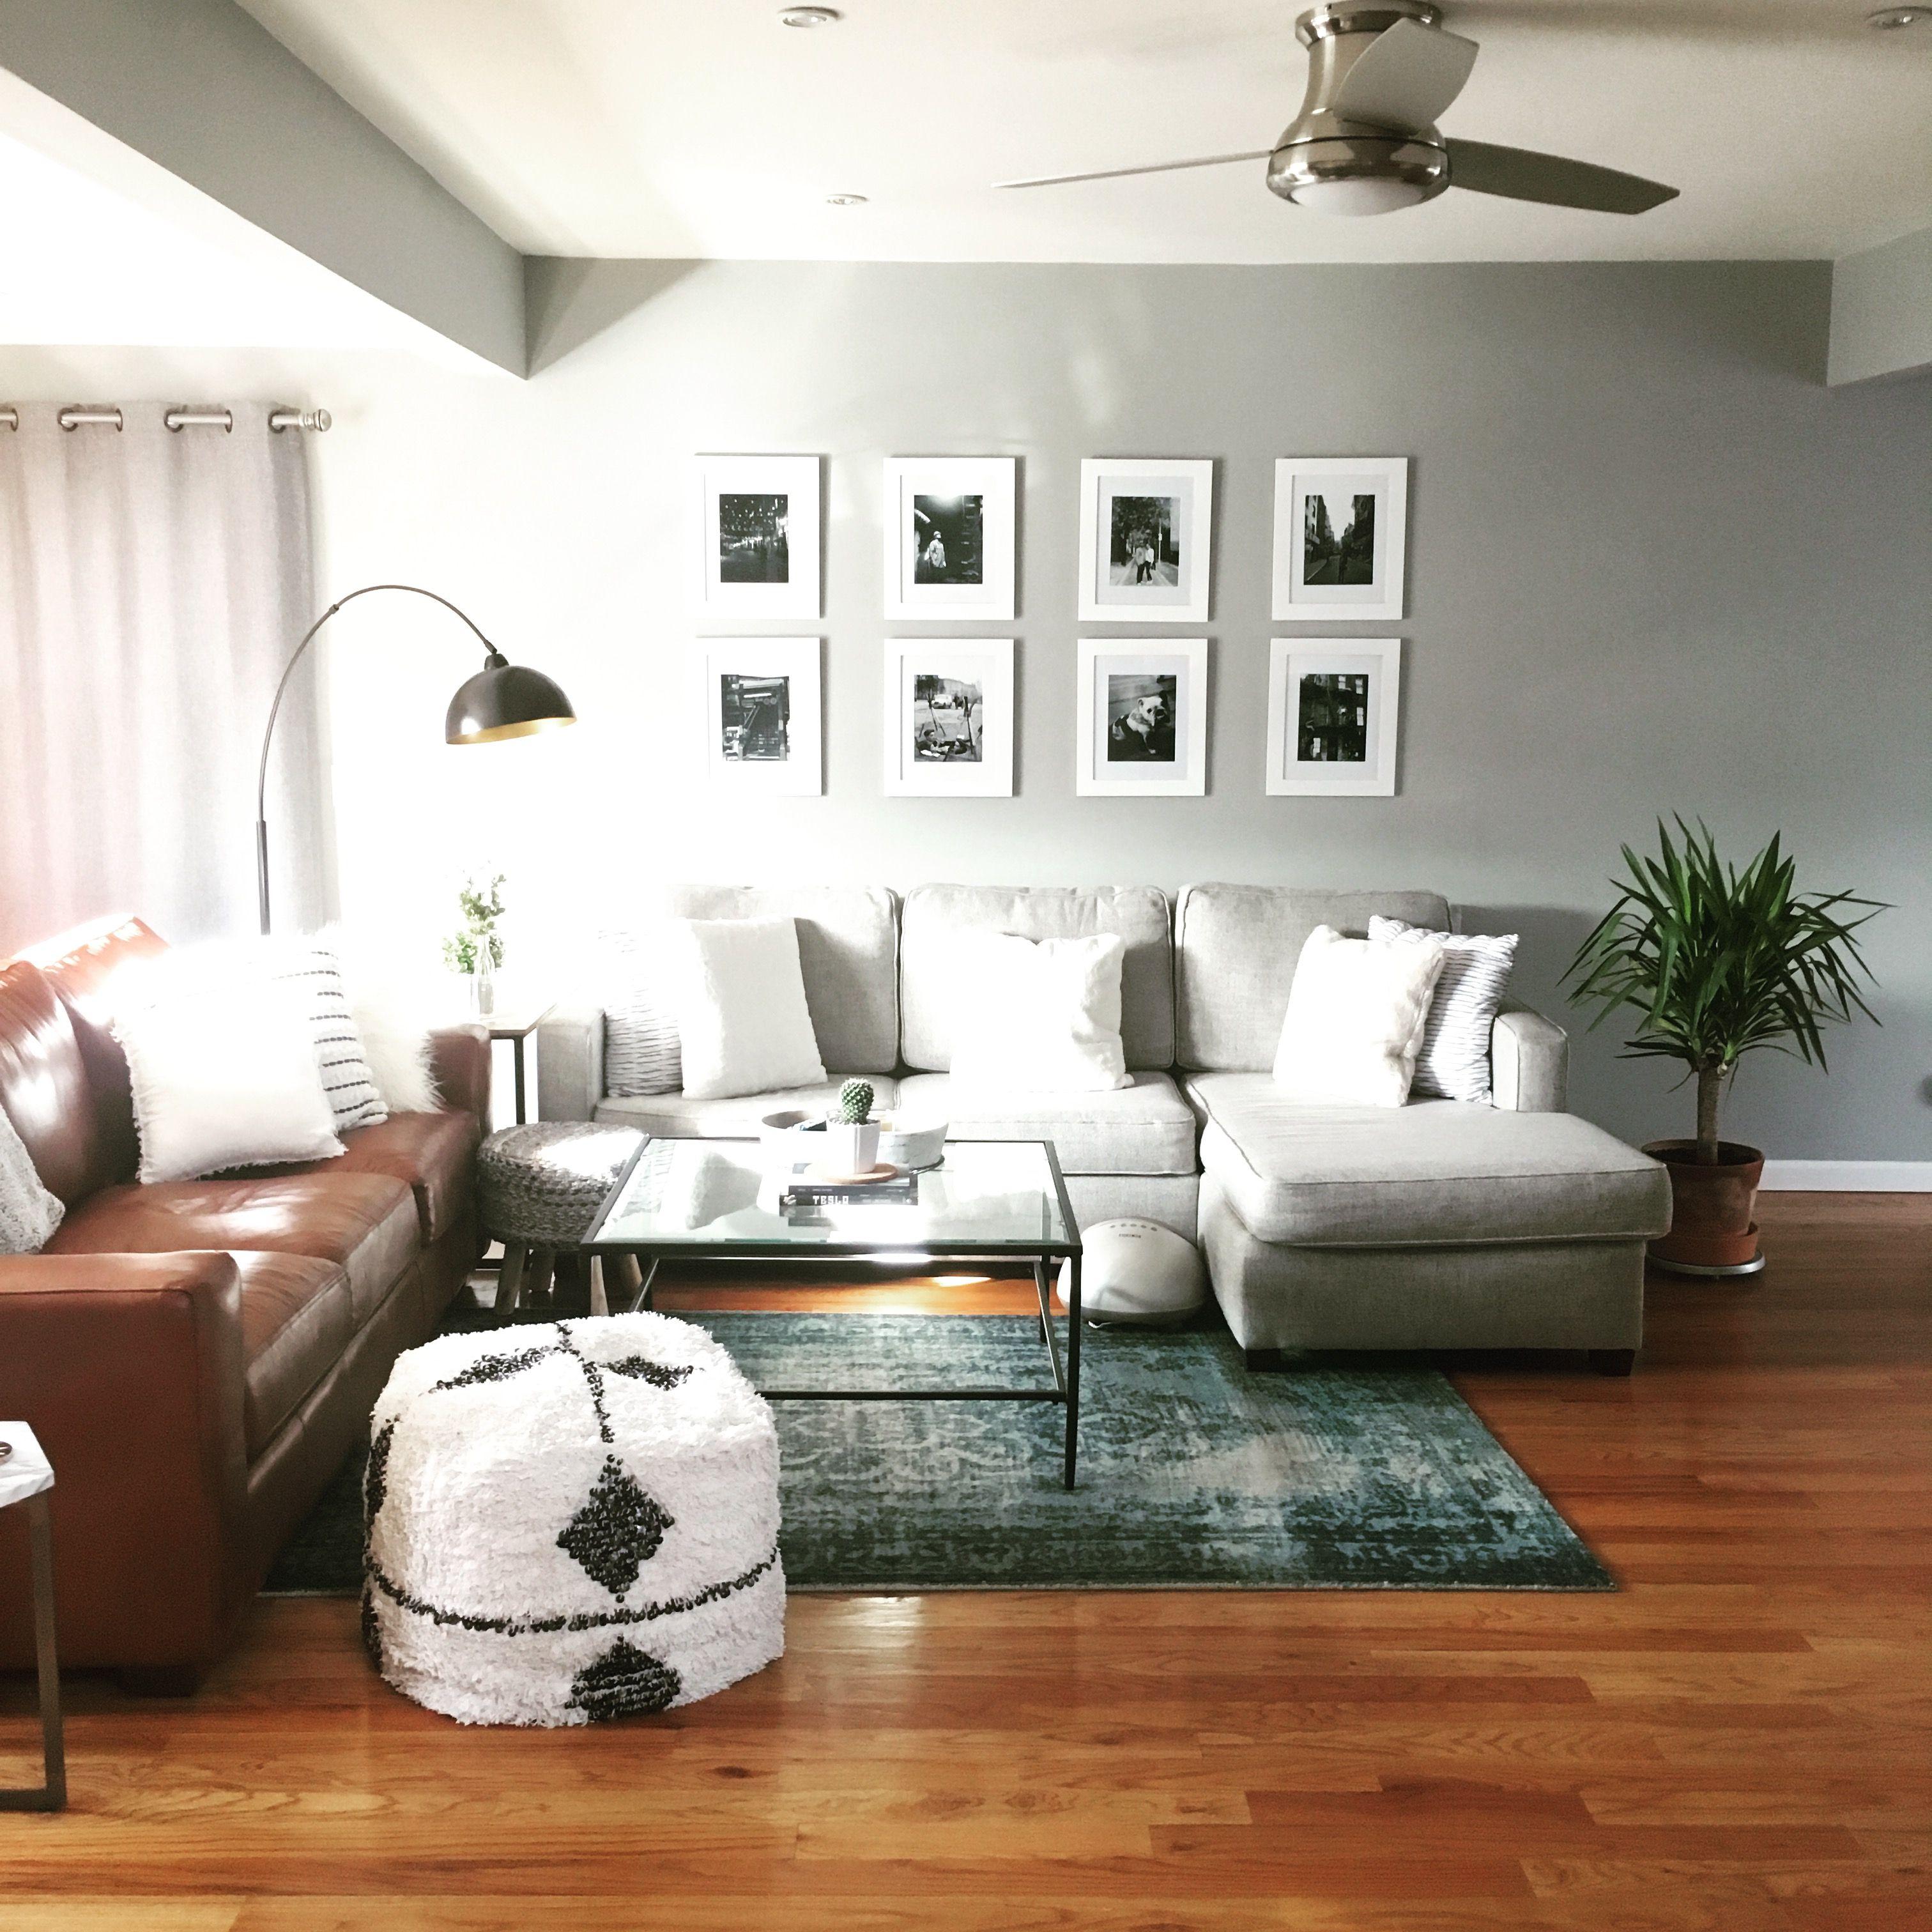 My living room - west elm Henry sofa, west elm arabesque rub ...